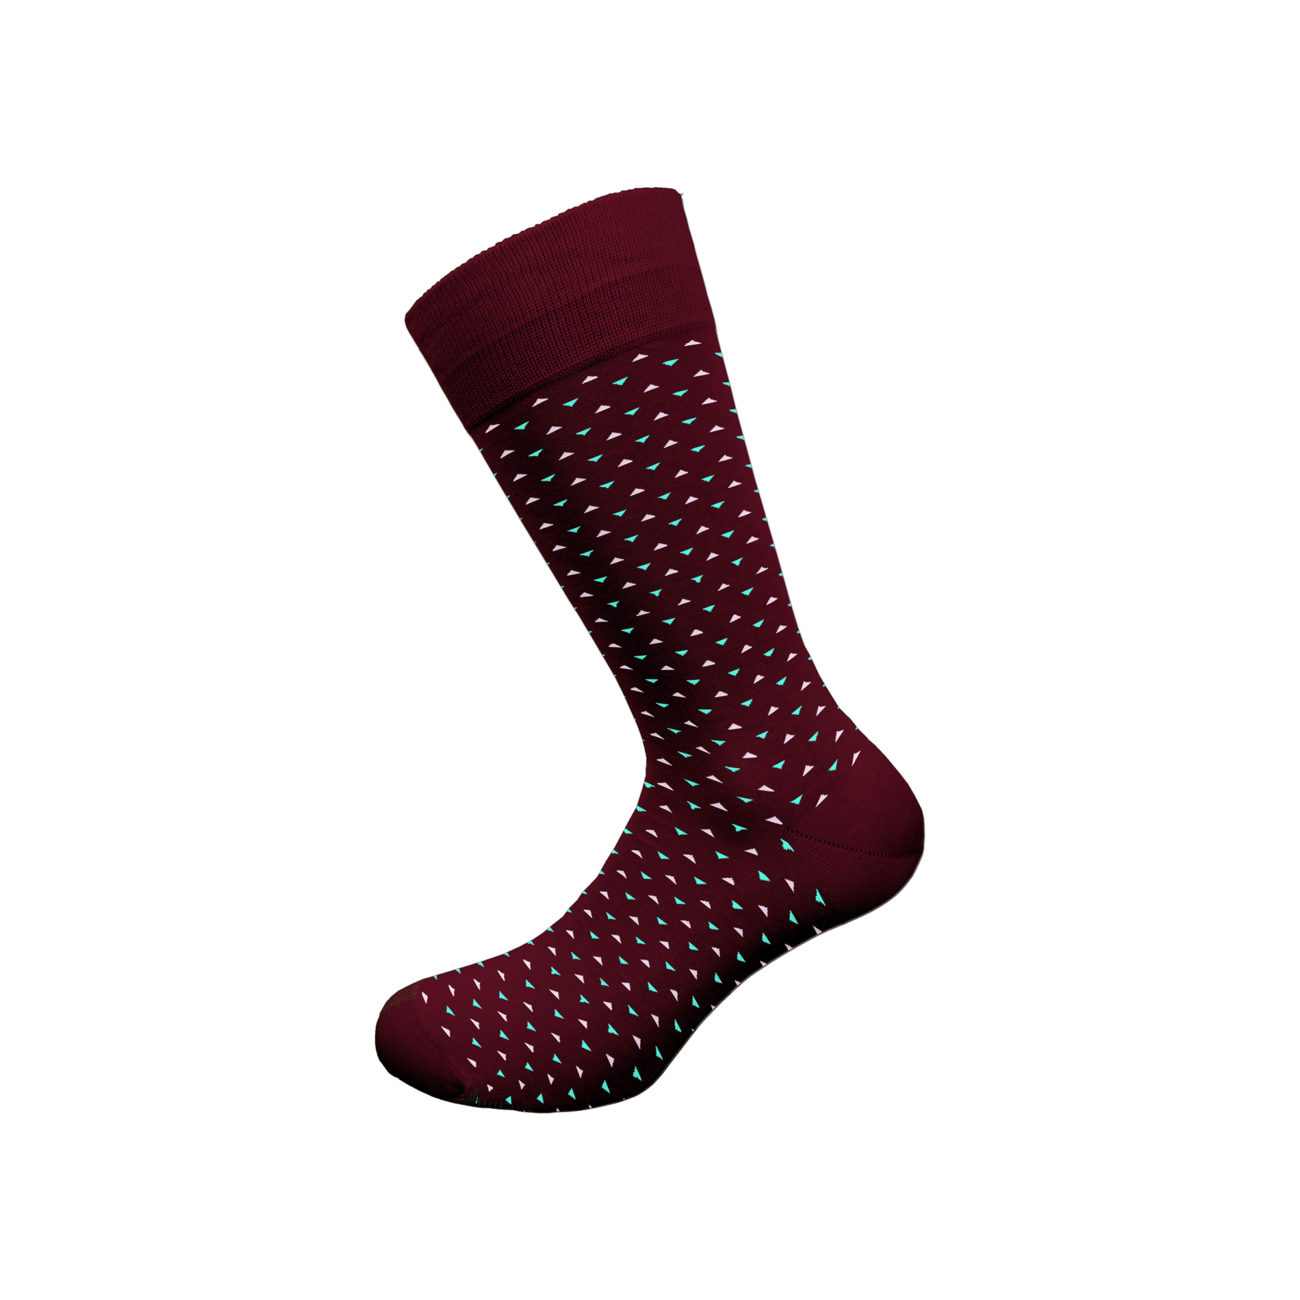 Ανδρική κάλτσα bamboo Walk - w304-9 Μπορντό